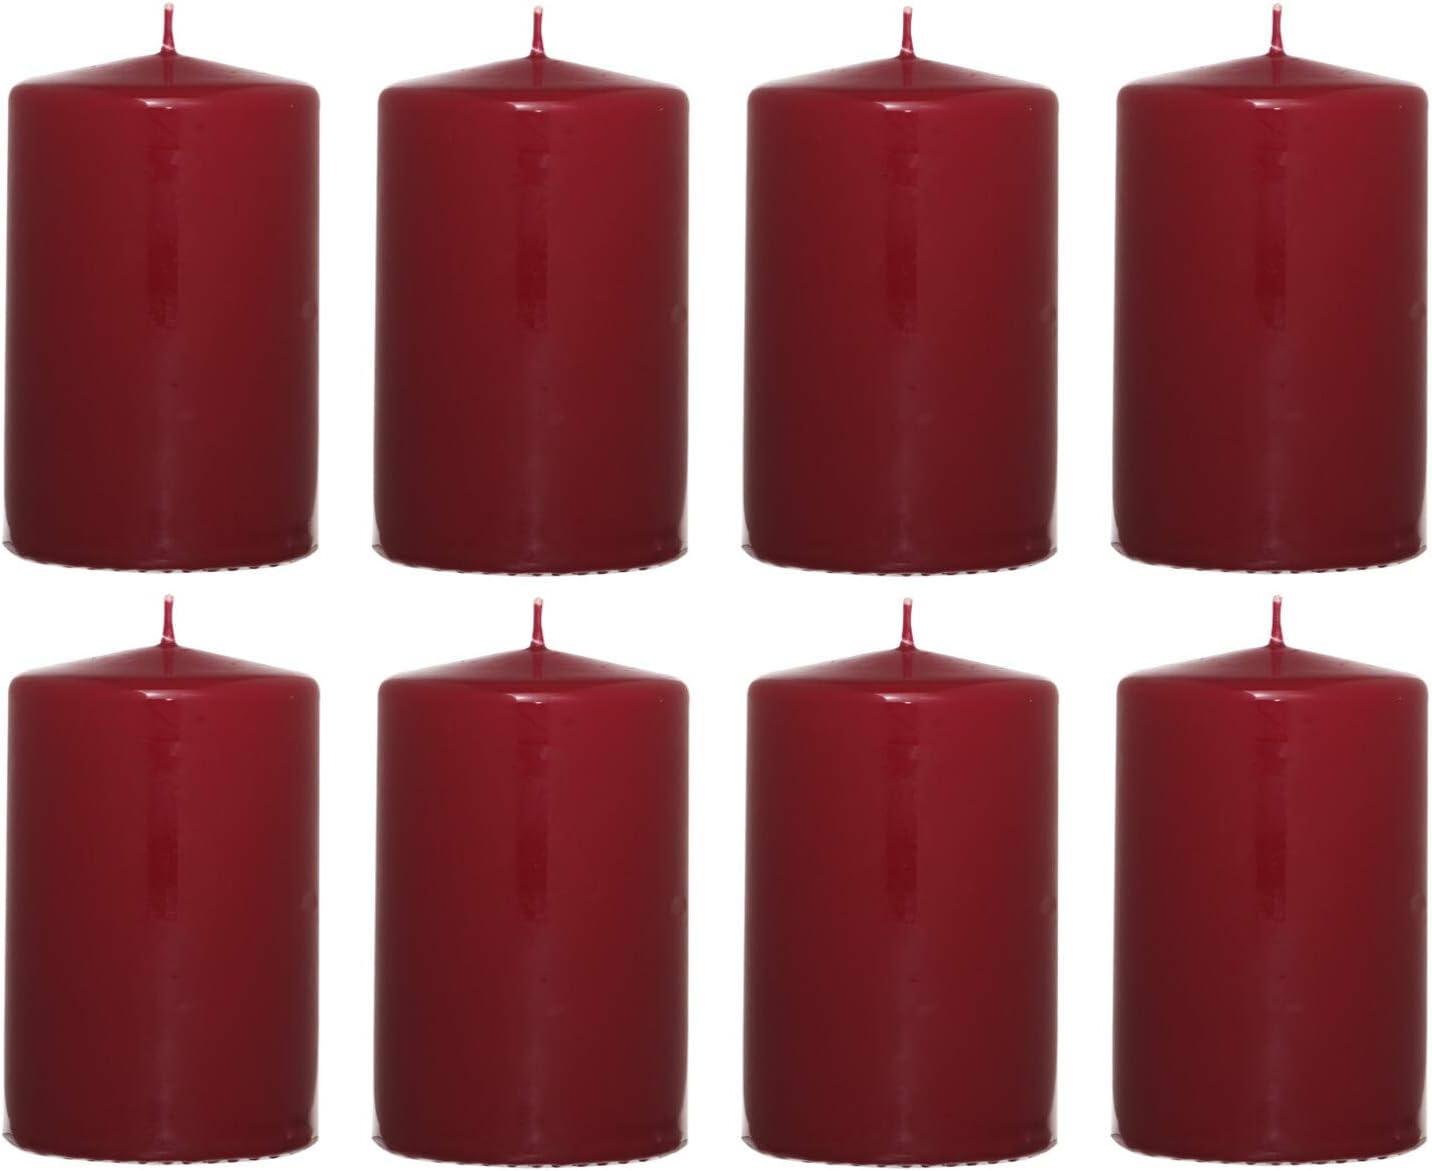 color burdeos 8 cm de alto Juego de 8 velas decorativas en set velas de cera 4,8 cm de di/ámetro Smart-Planet/® Velas Ambiente